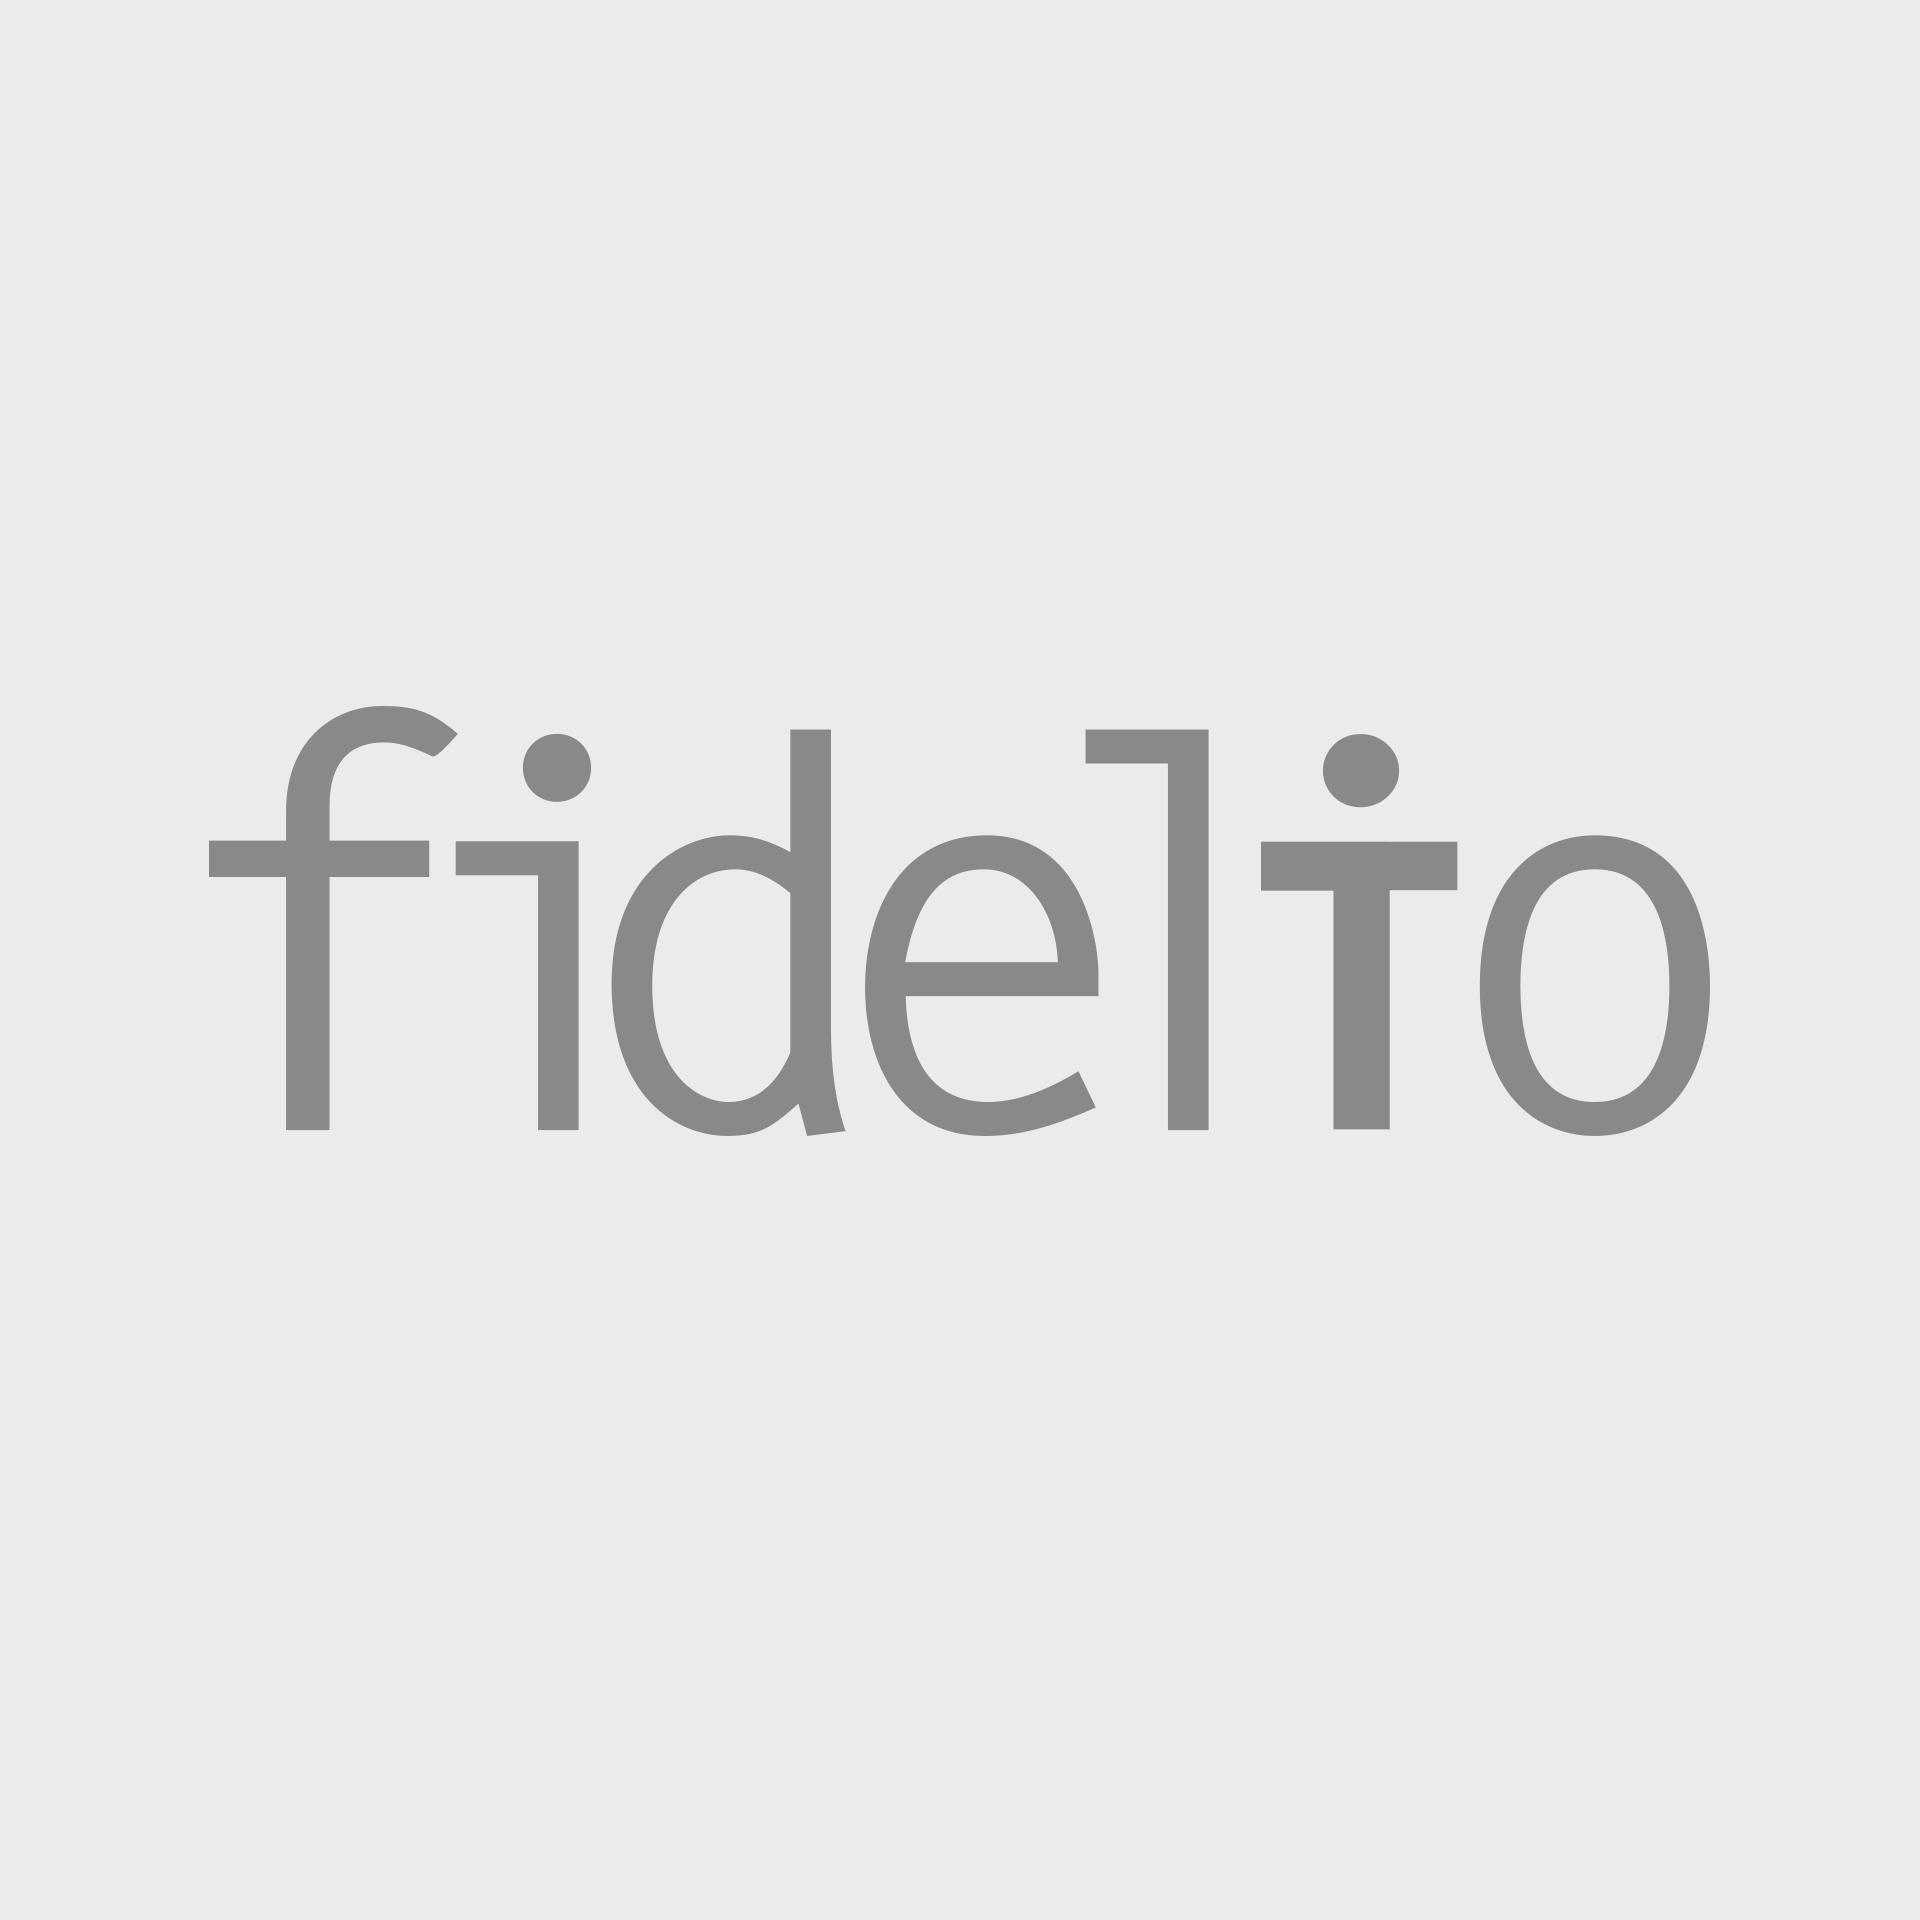 Miért írt új befejezést az Orfeóhoz Fischer Iván?